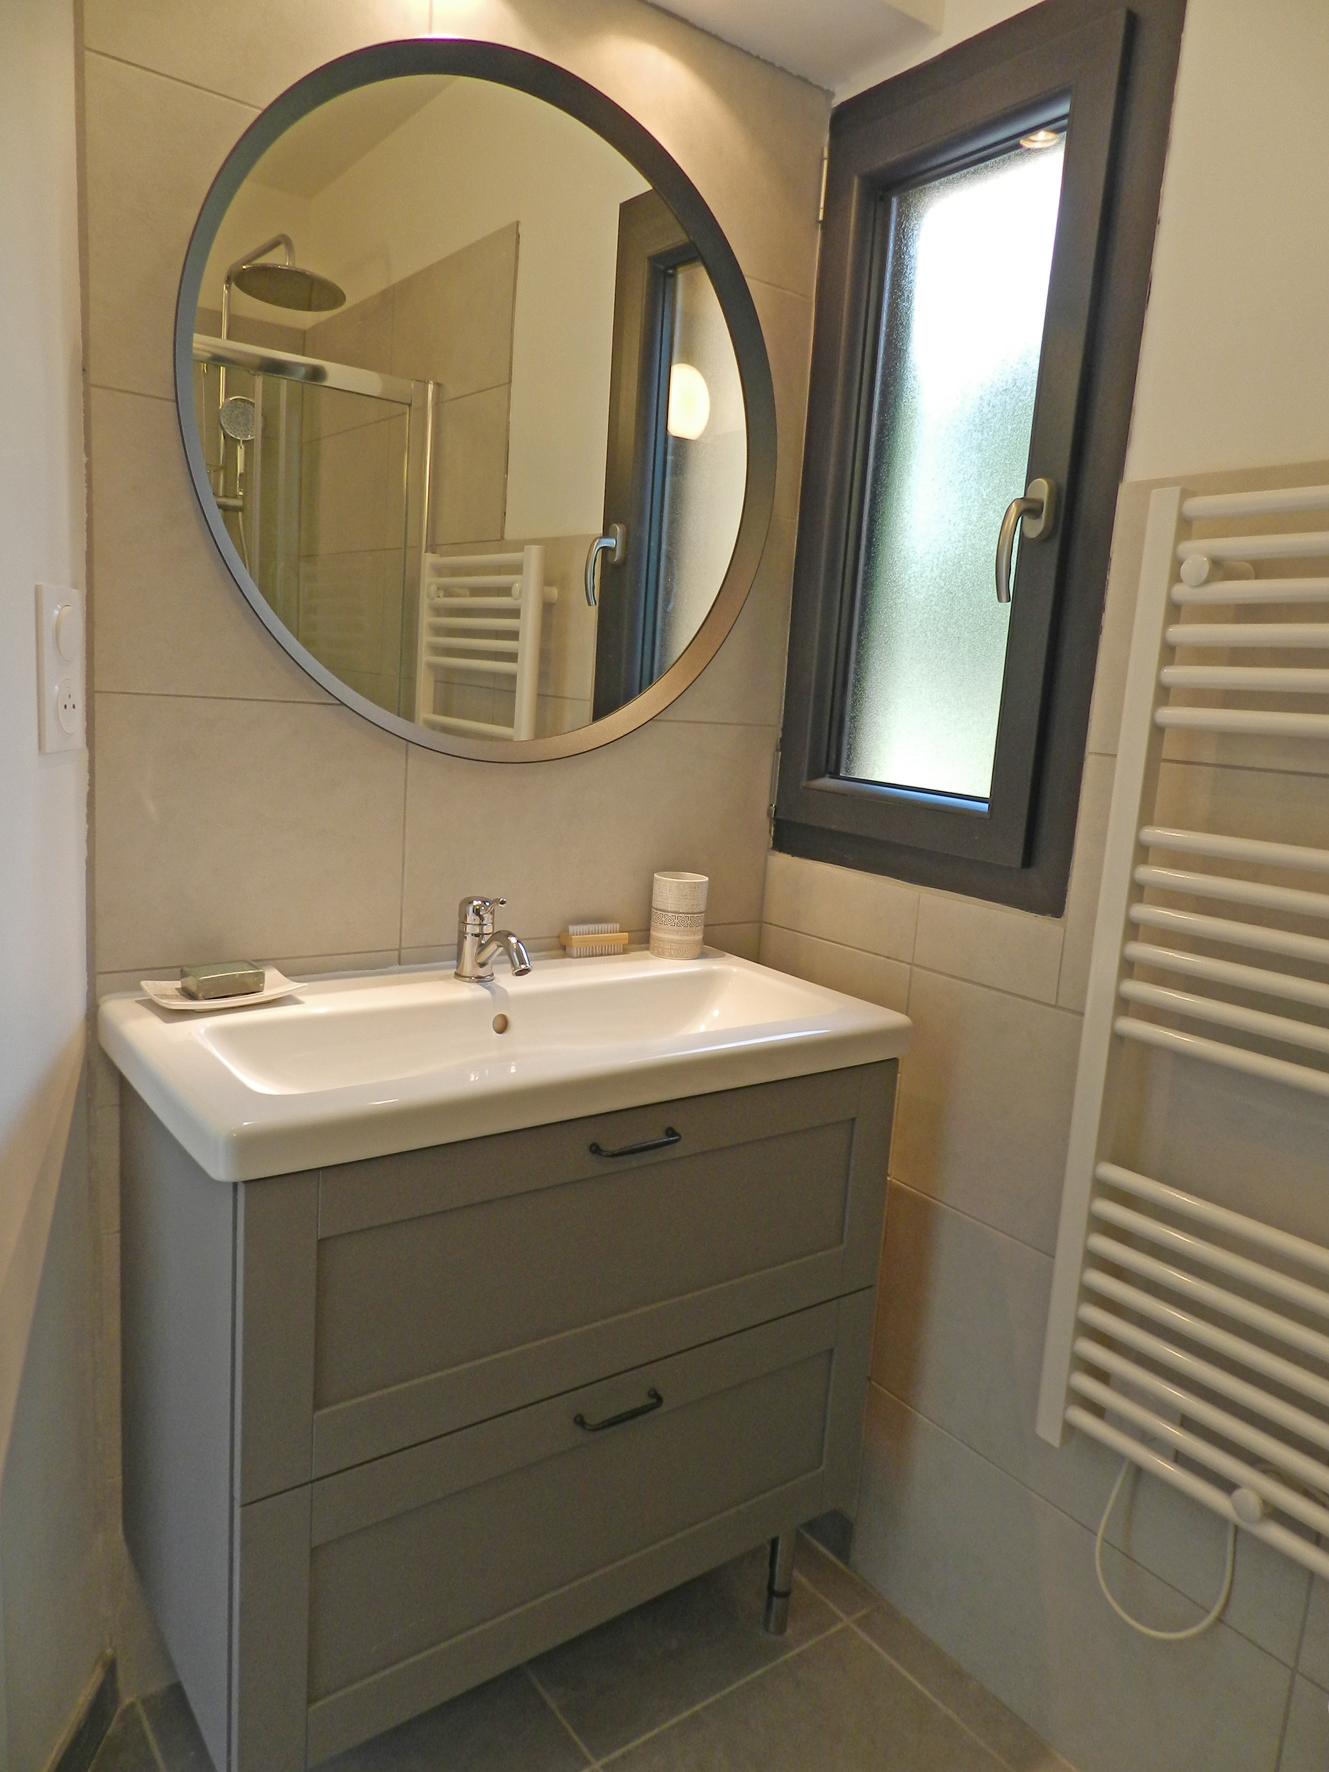 Drap de bain, serviette, gant et sèche cheveux à disposition, douche à l'italienne